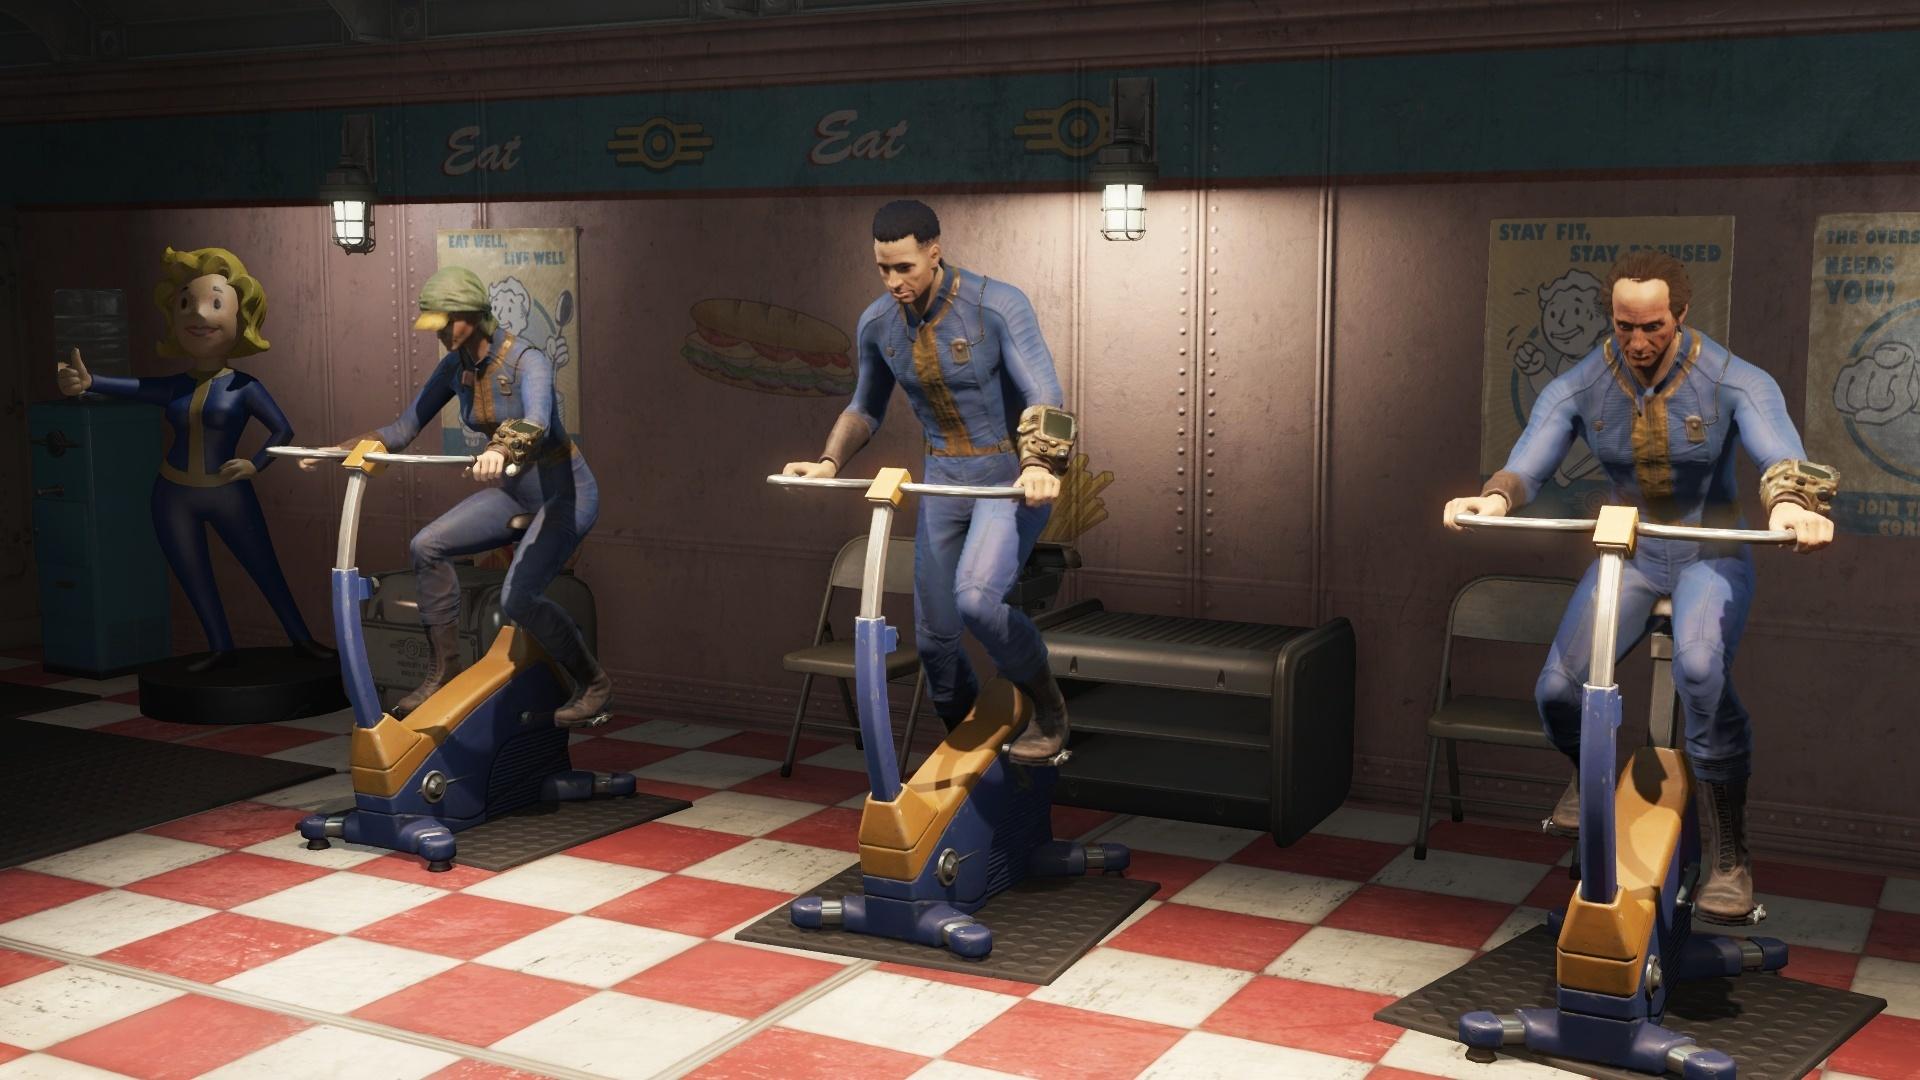 Fallout 4 Vault Tec Dlc Bringt Endlich Mehr Als Bau Items Gamestar